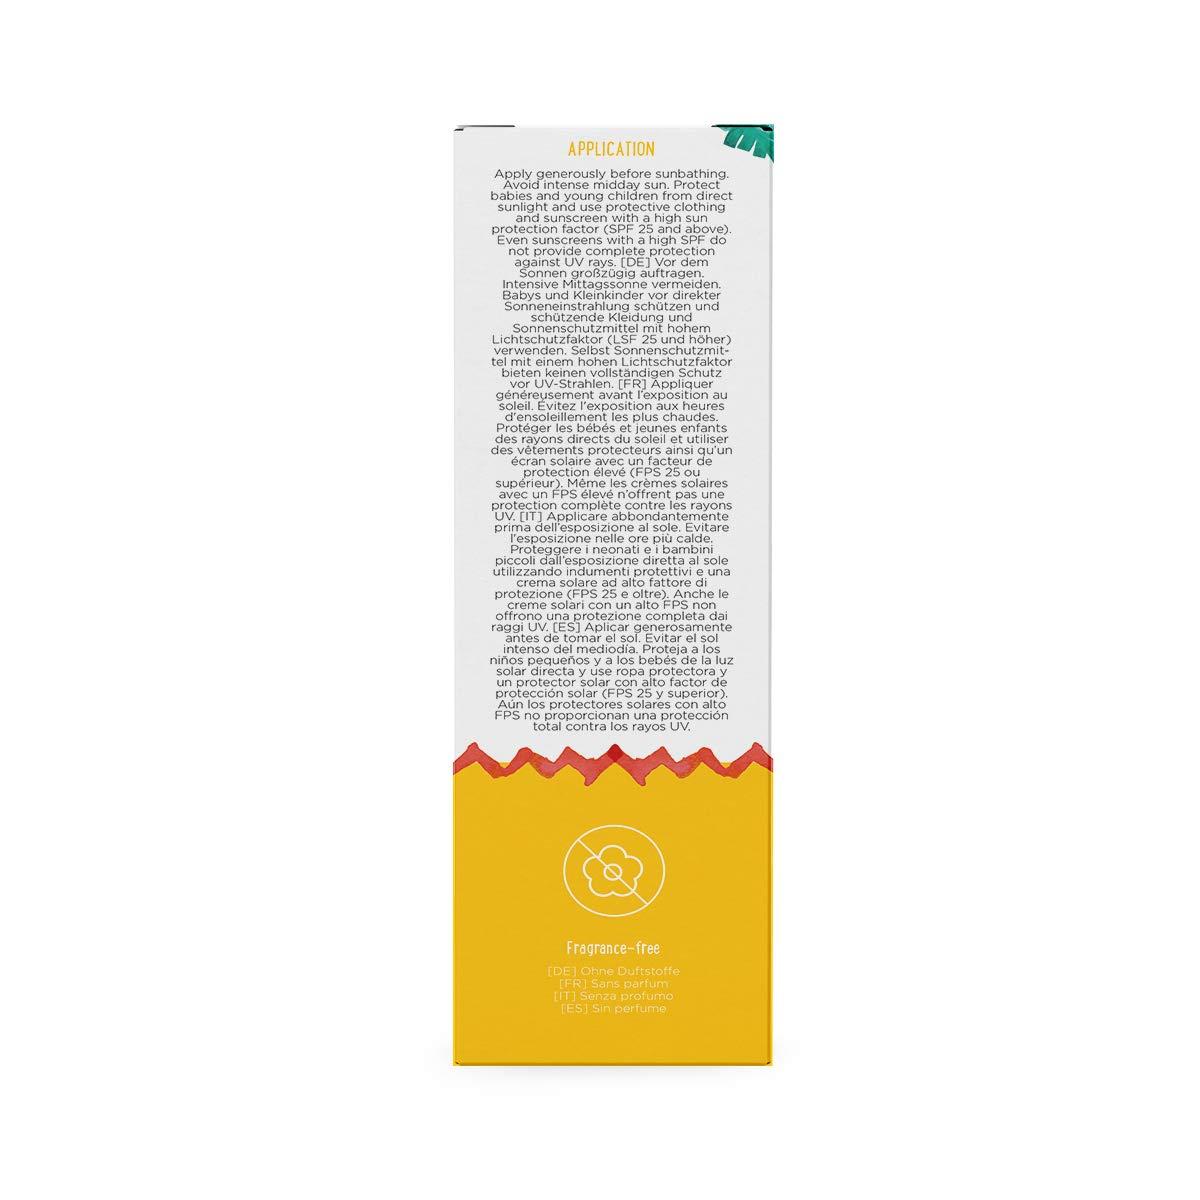 Marca Amazon- Mama Bear - Crema solar para bebés FPS 50 (Alta protección UVA/UVB)- 4 tubos - 4x100ml: Amazon.es: Salud y cuidado personal